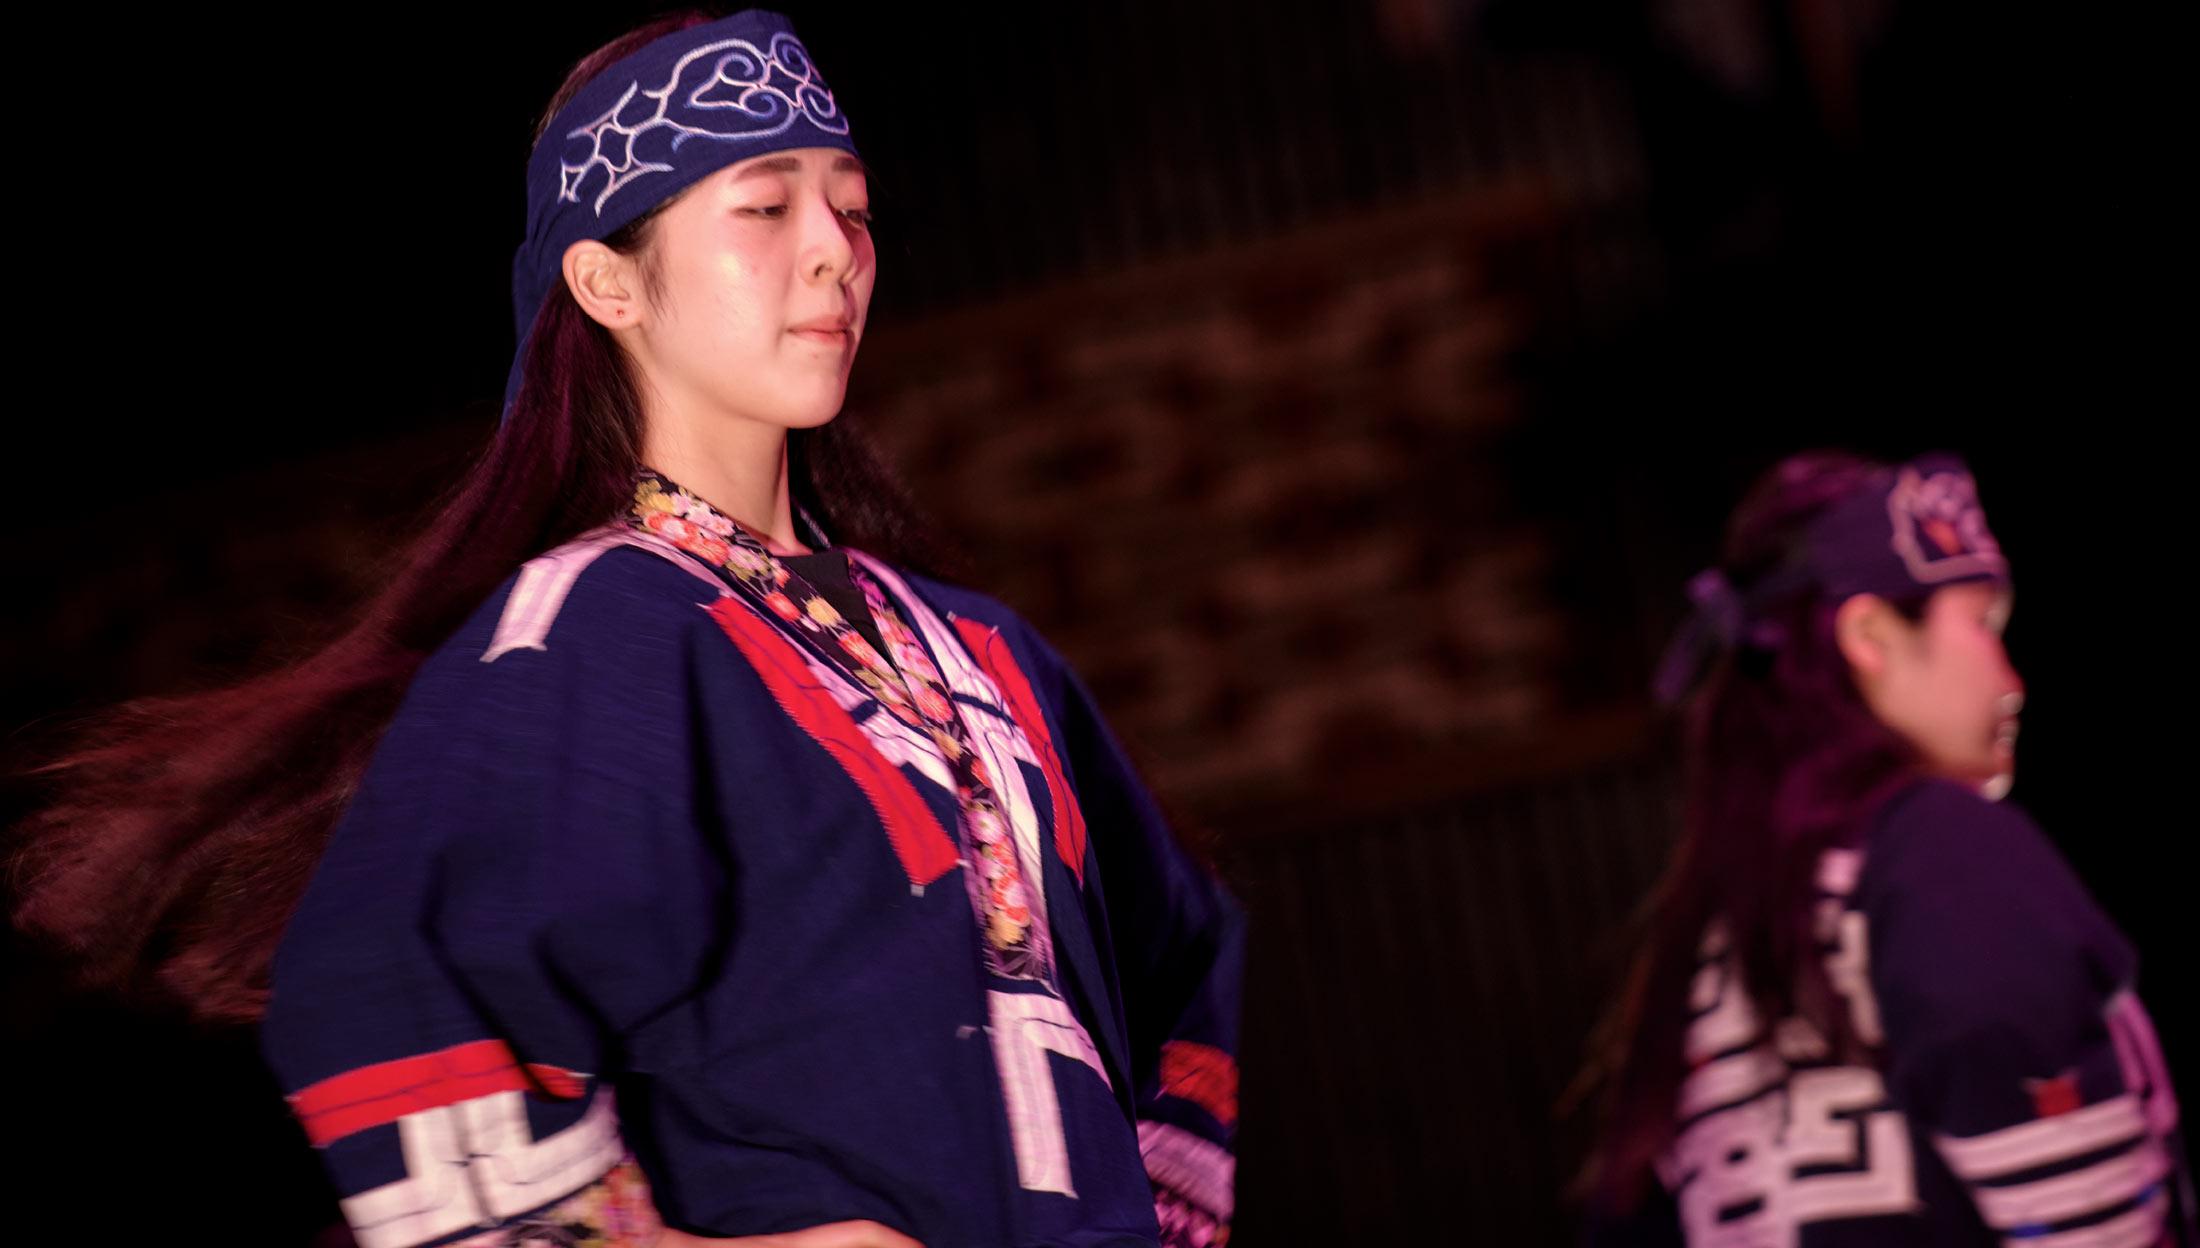 アイヌ古式舞踊 《阿寒湖アイヌシアター イコロにて上演》